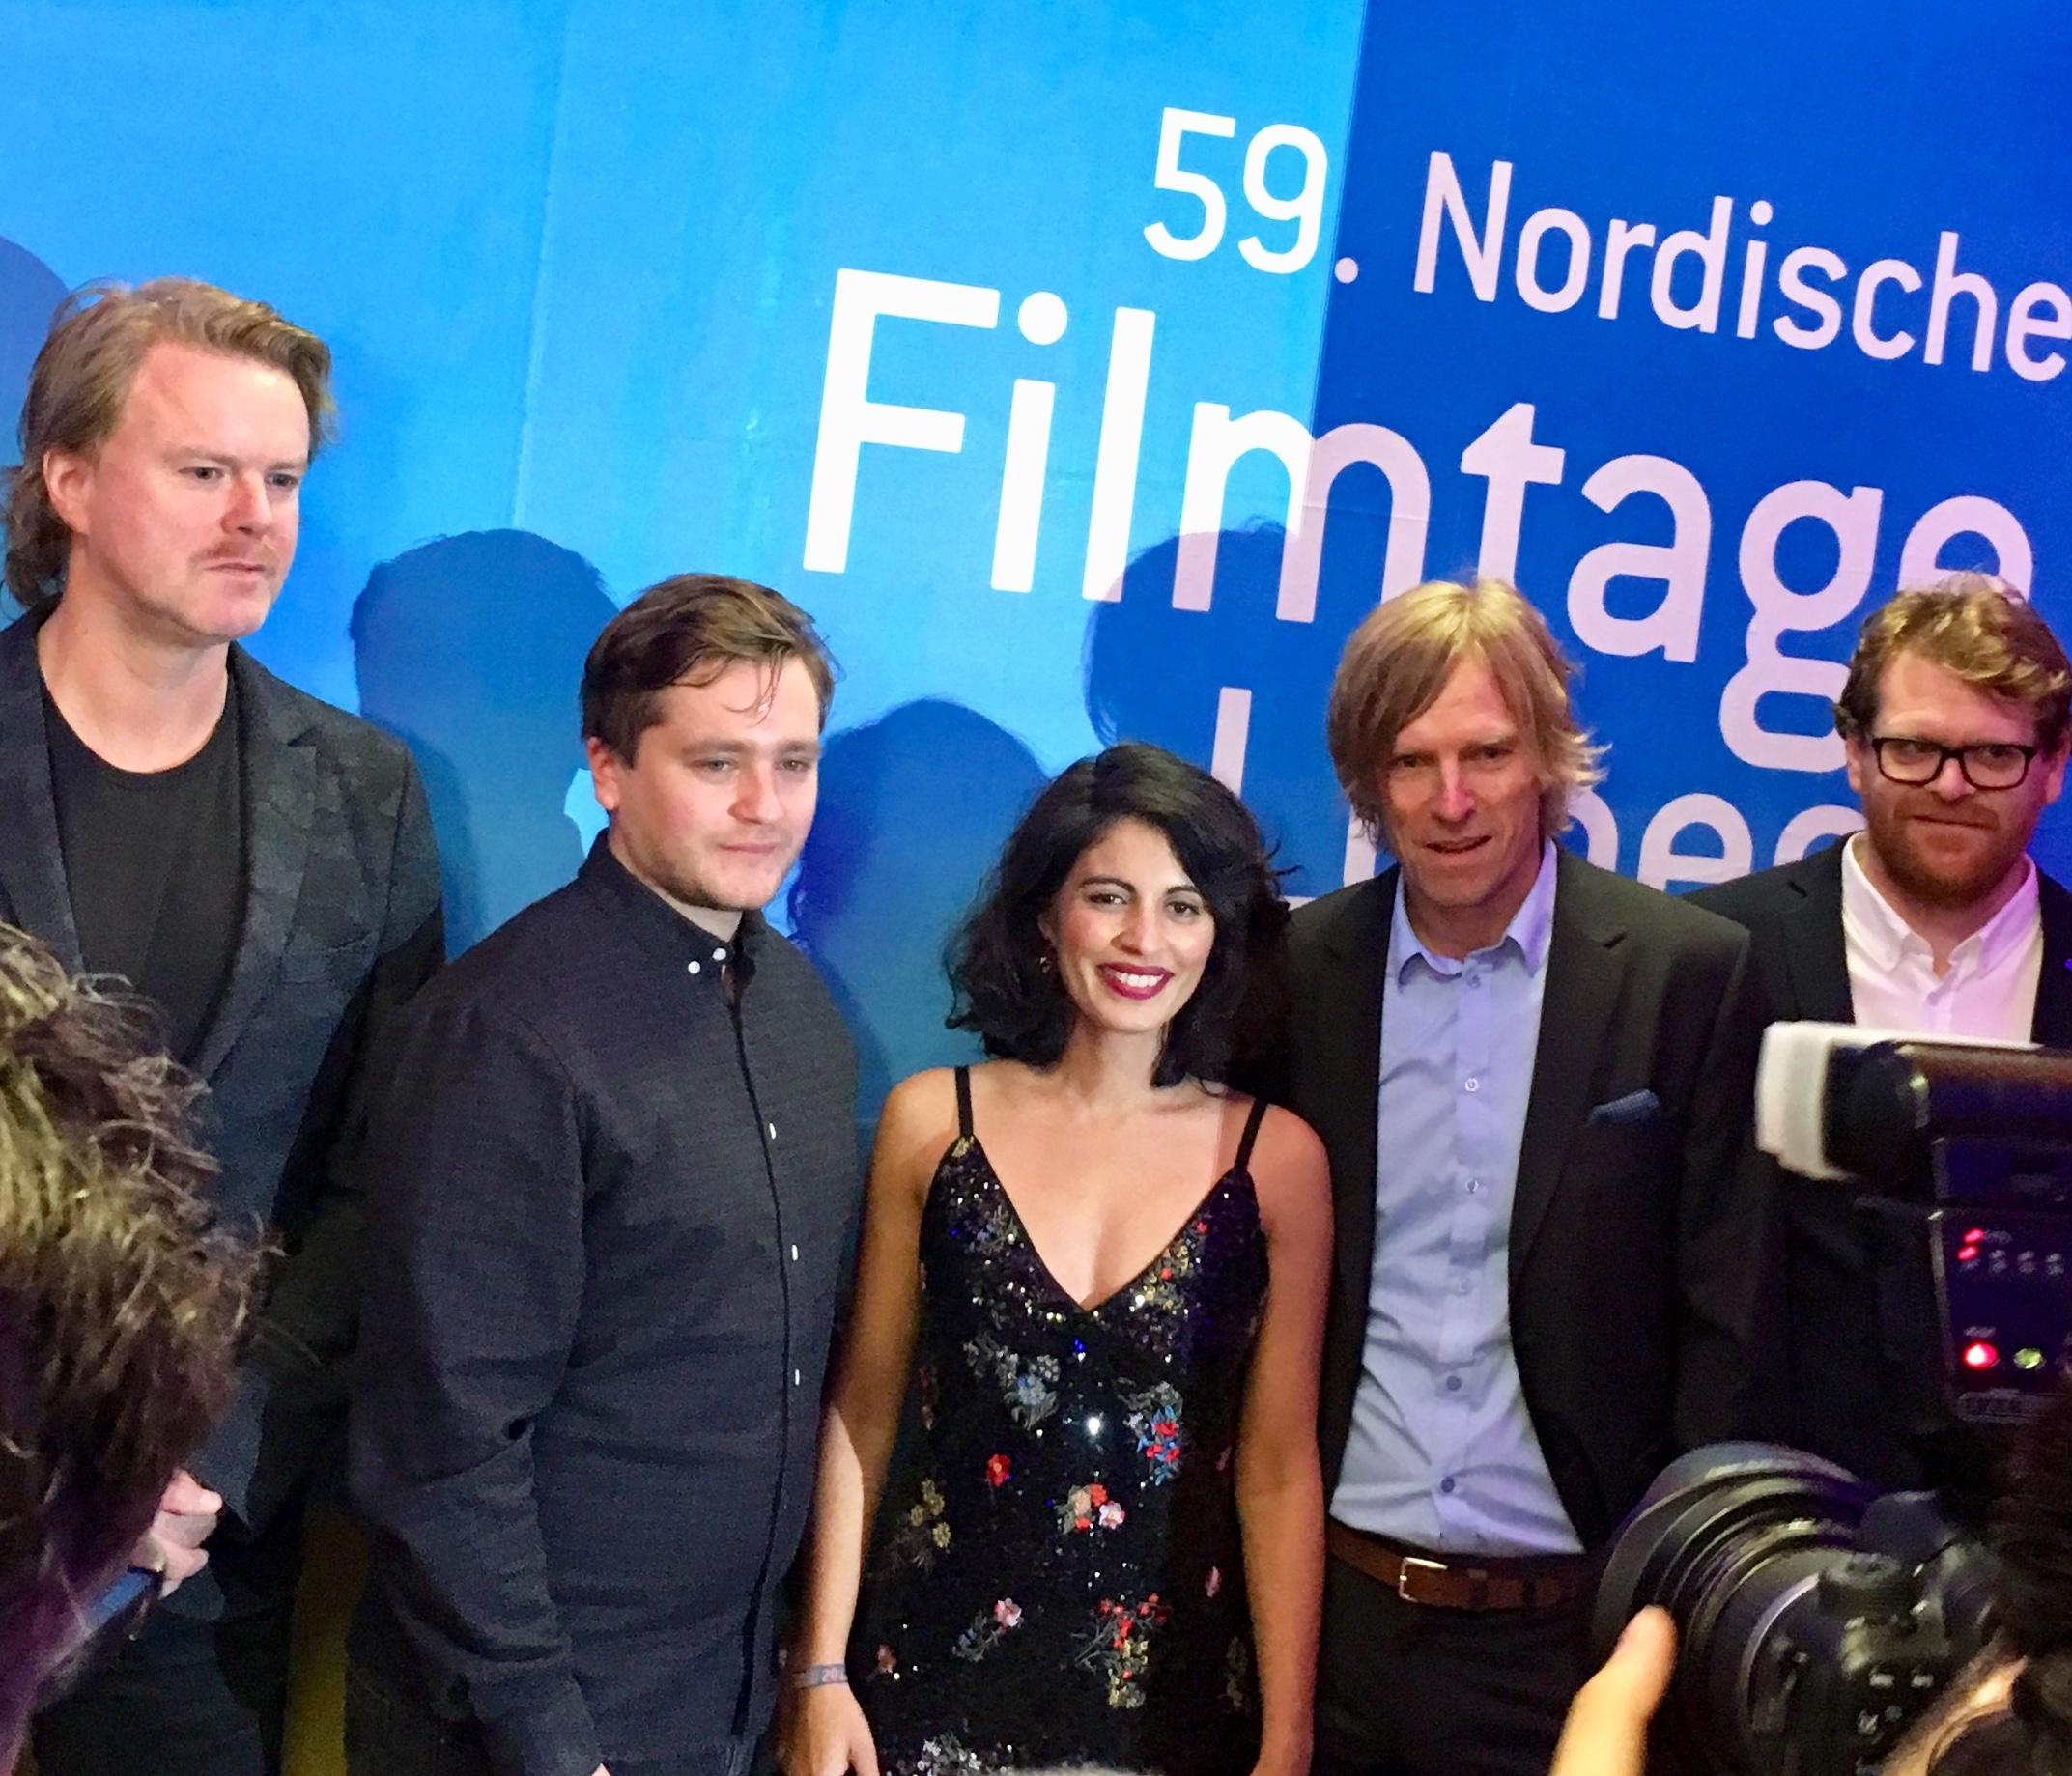 Regissør Iram Haq før prisutdelingen på Nordiske filmdager i Lübeck. Filmen vant publikumsprisen og fikk hederlig omtale av hovedjuryen.